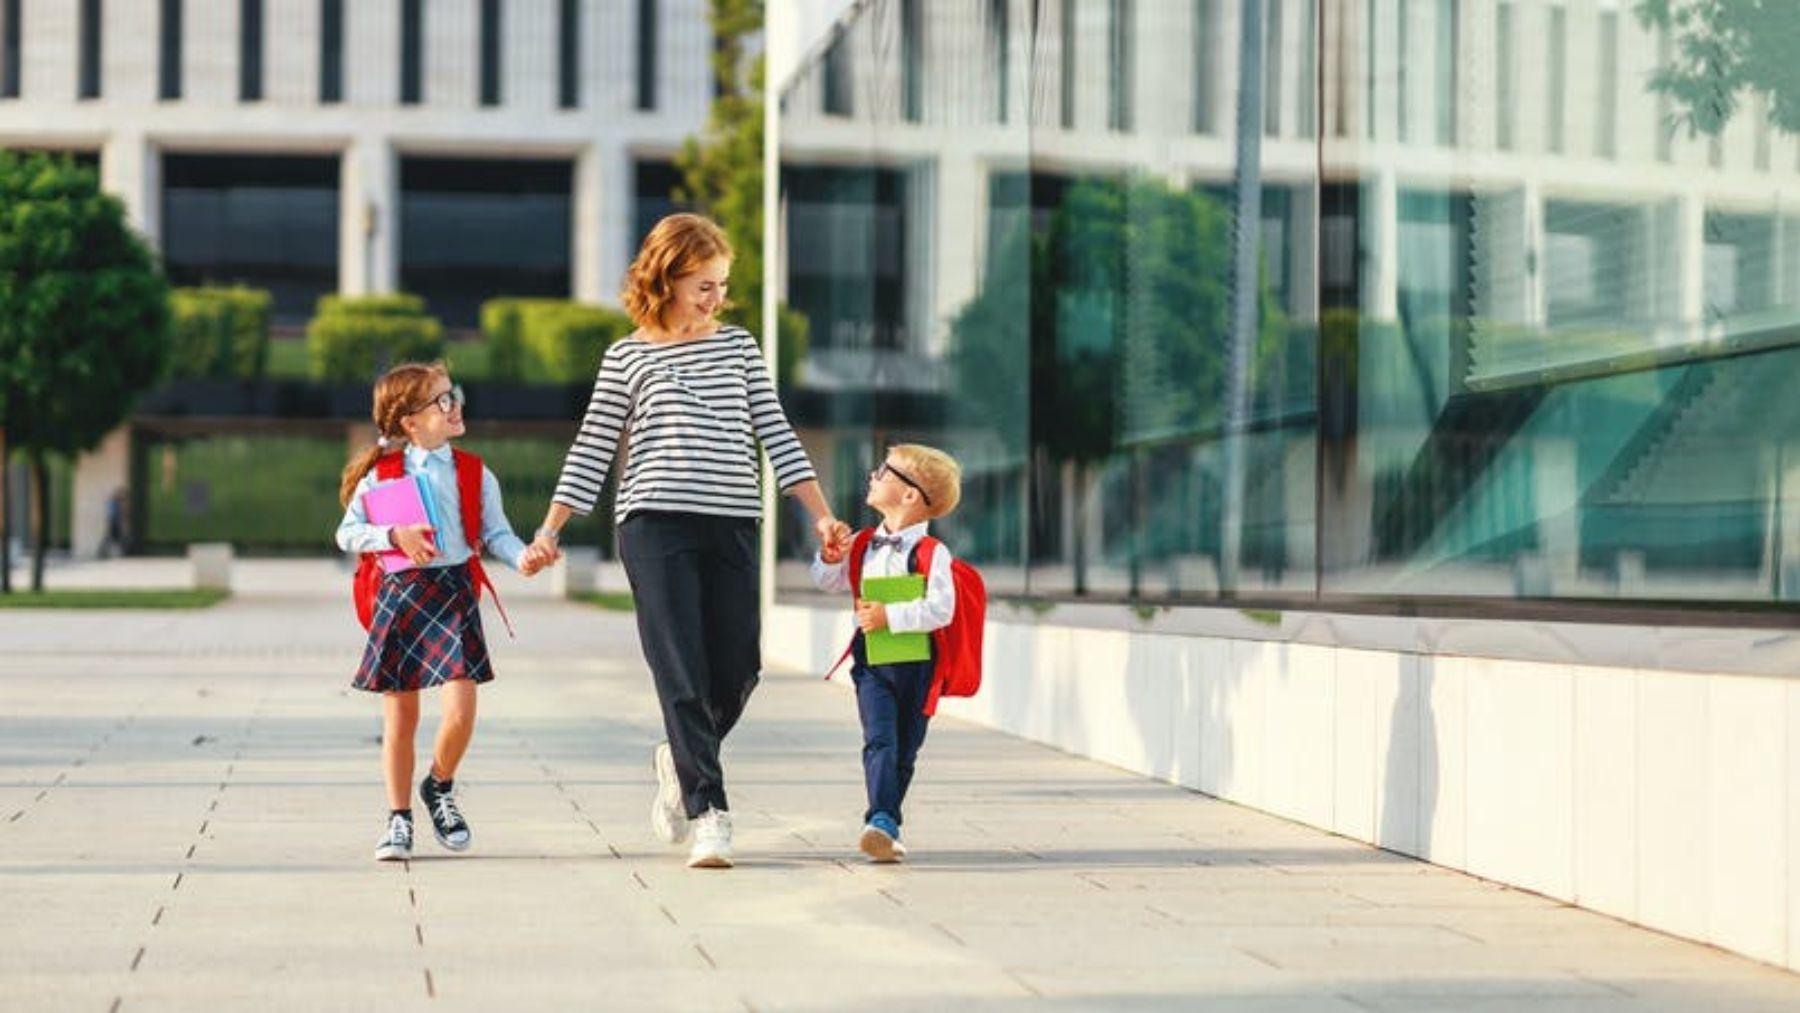 Qué debemos poner en la mochila de los niños para el primer día de clase